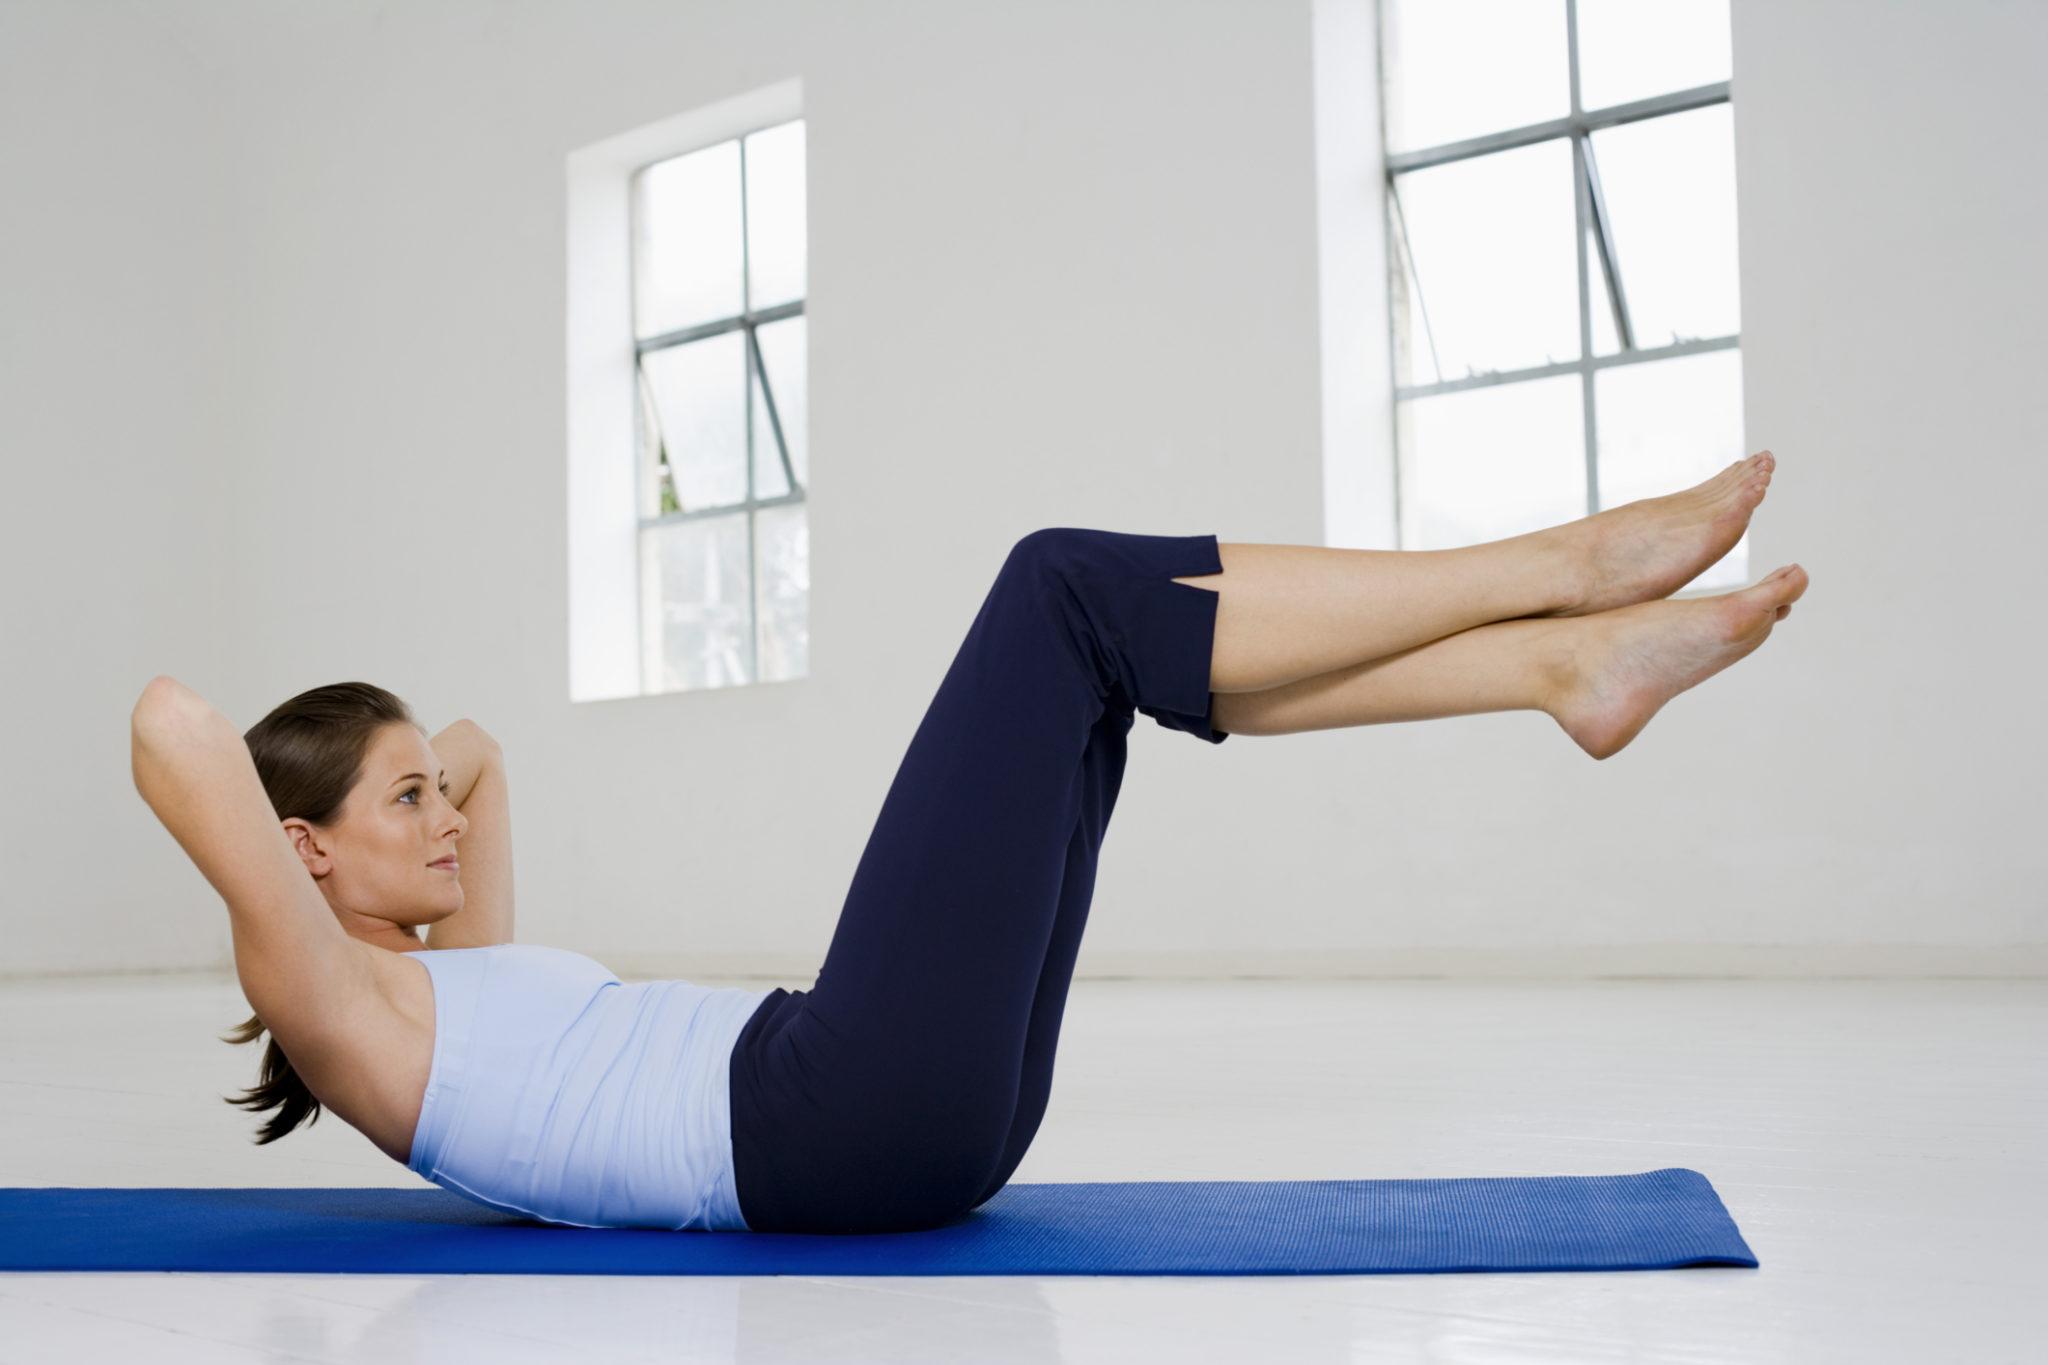 Самое эффективное упражнение на нижний пресс в домашних условиях